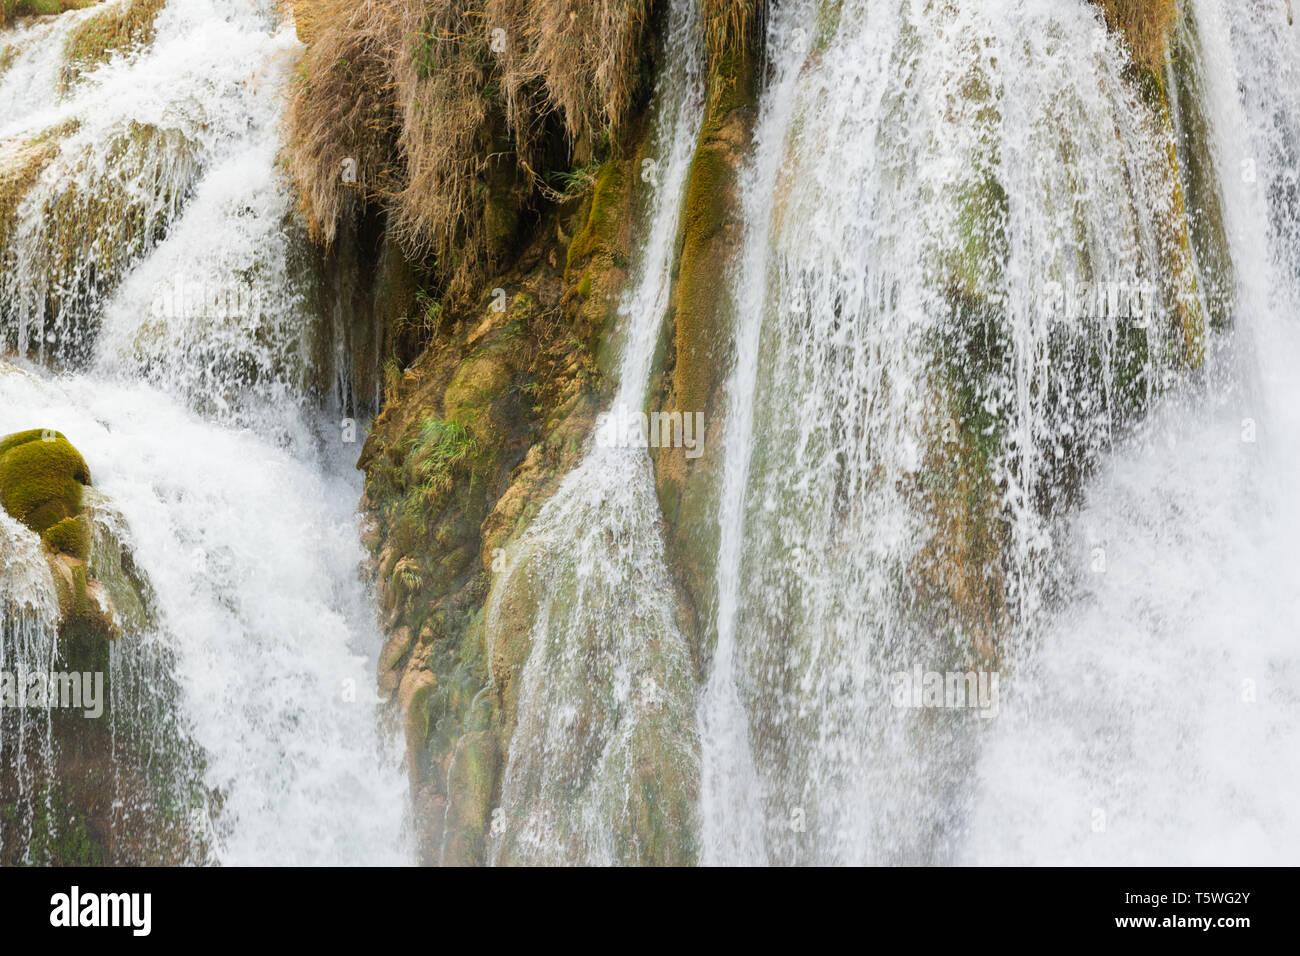 Krka, Sibenik, Kroatien, Europa - Gischt des Wasserfalls an der Krka Stockfoto